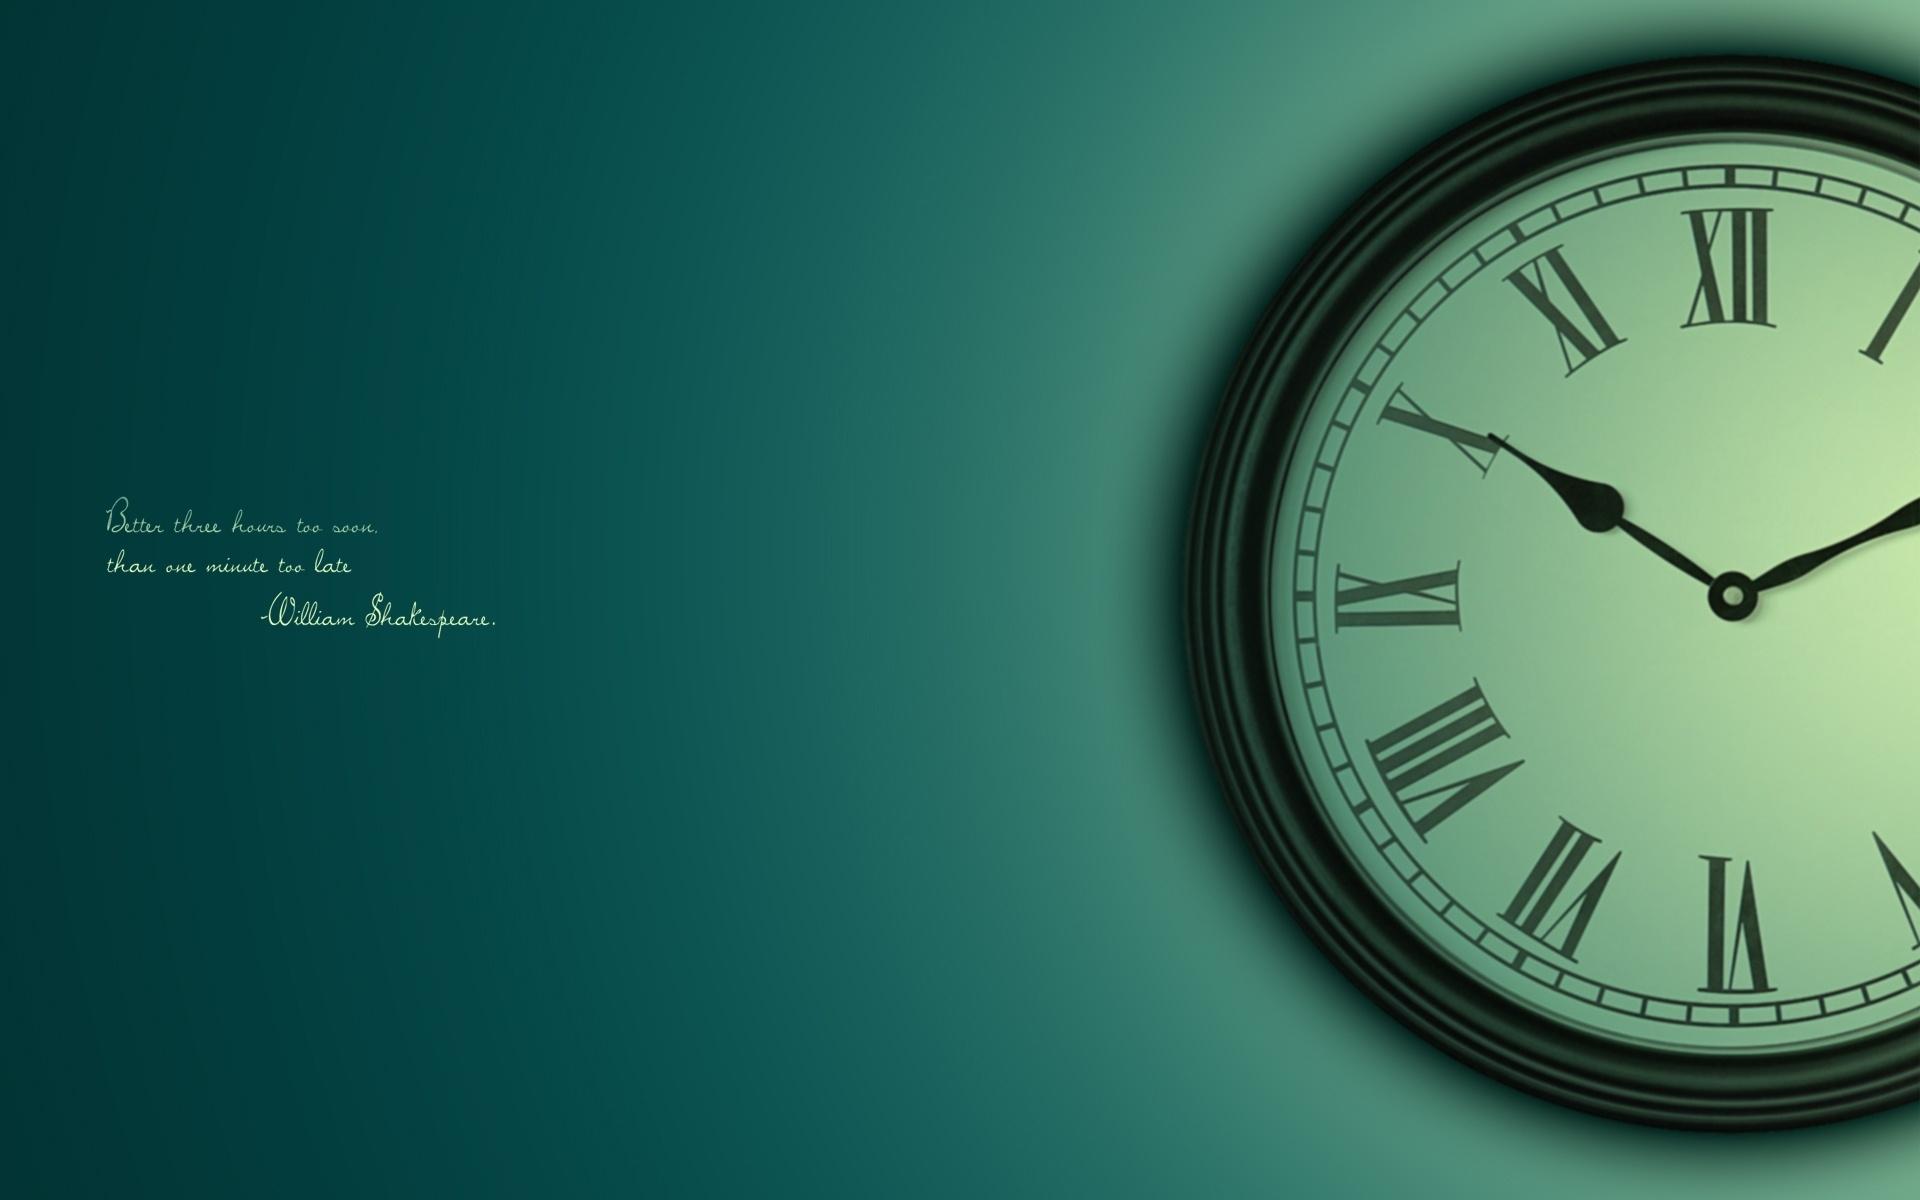 Clock Time Dial Saying Sage